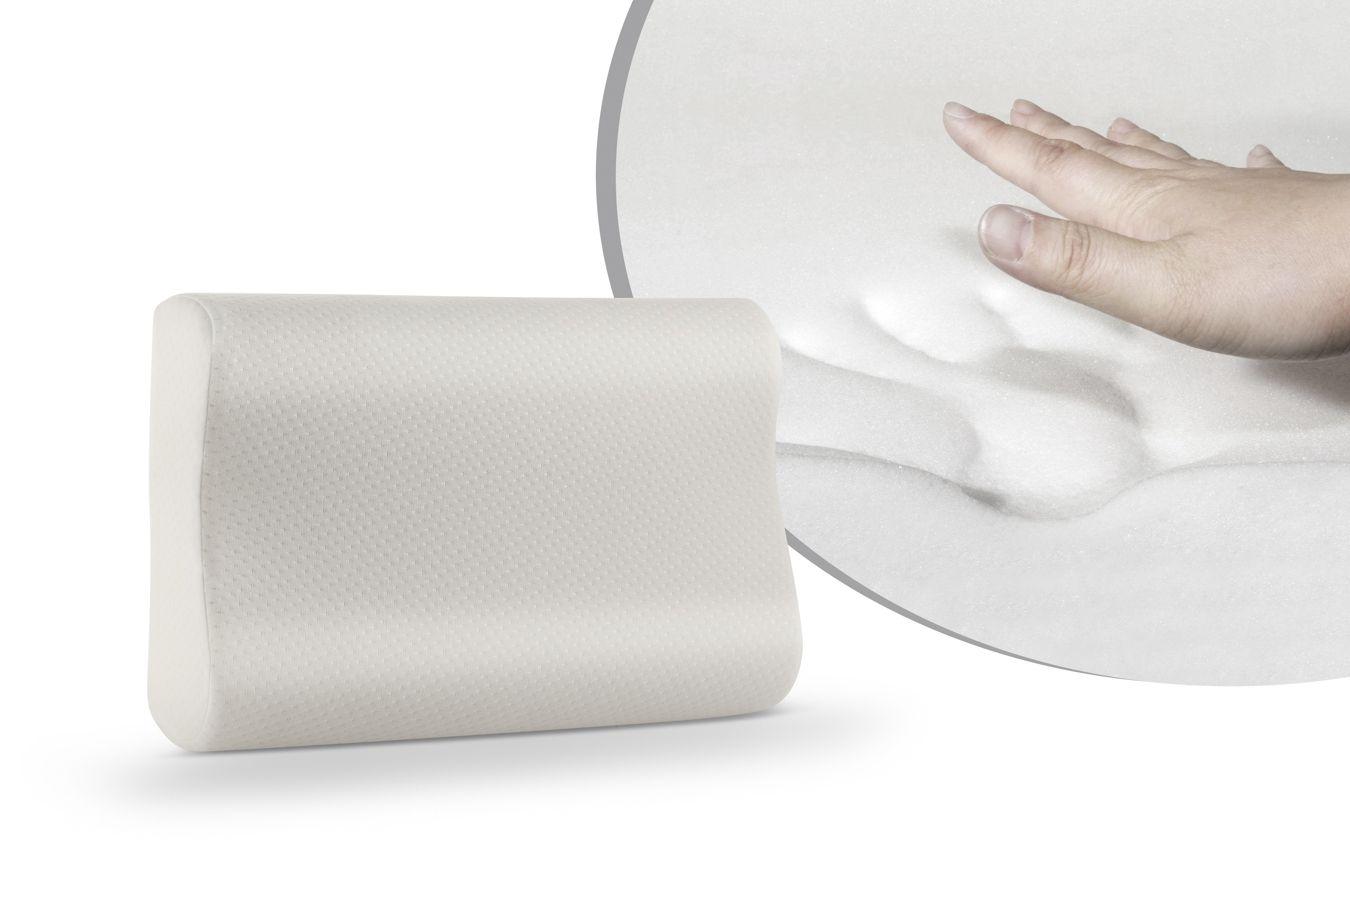 Memory Foam Kussen : Memory foam kussen met nekrol sleepmed